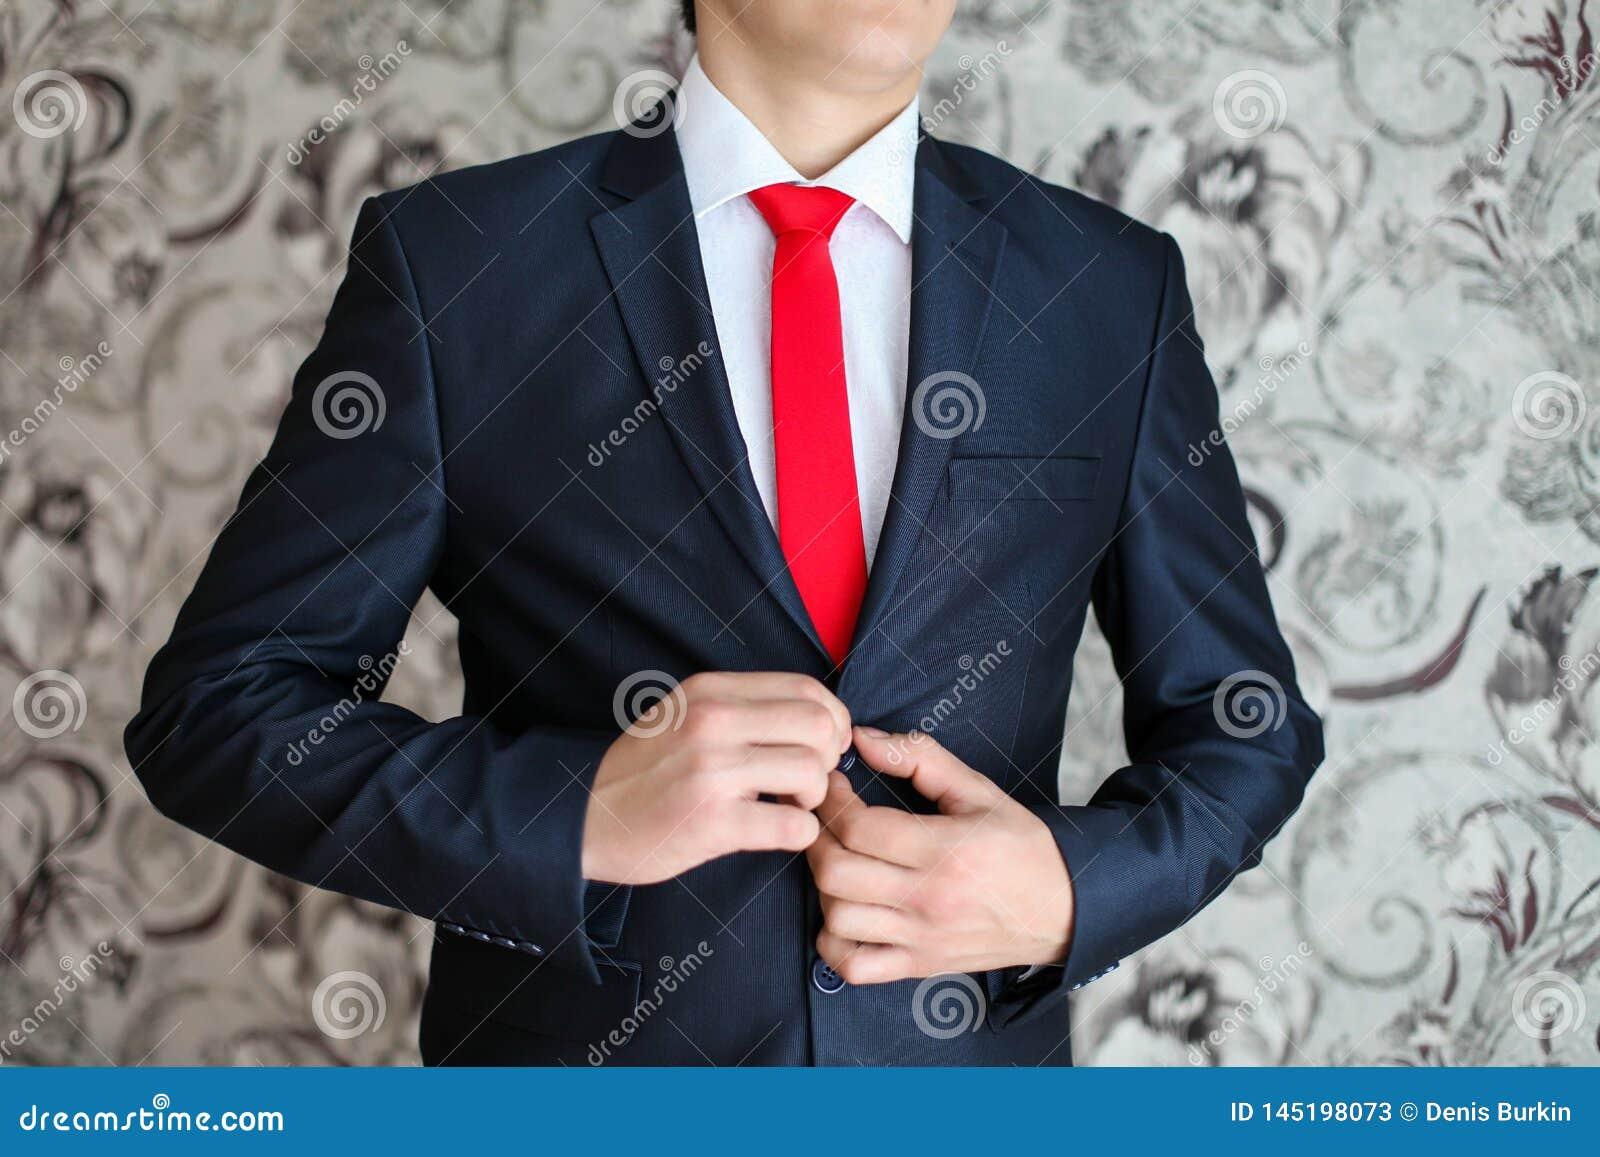 Επιχειρηματίας στο μαύρο κοστούμι και έναν κόκκινο δεσμό Έξυπνη περιστασιακή εξάρτηση Άτομο που παίρνει έτοιμο για την εργασία ο